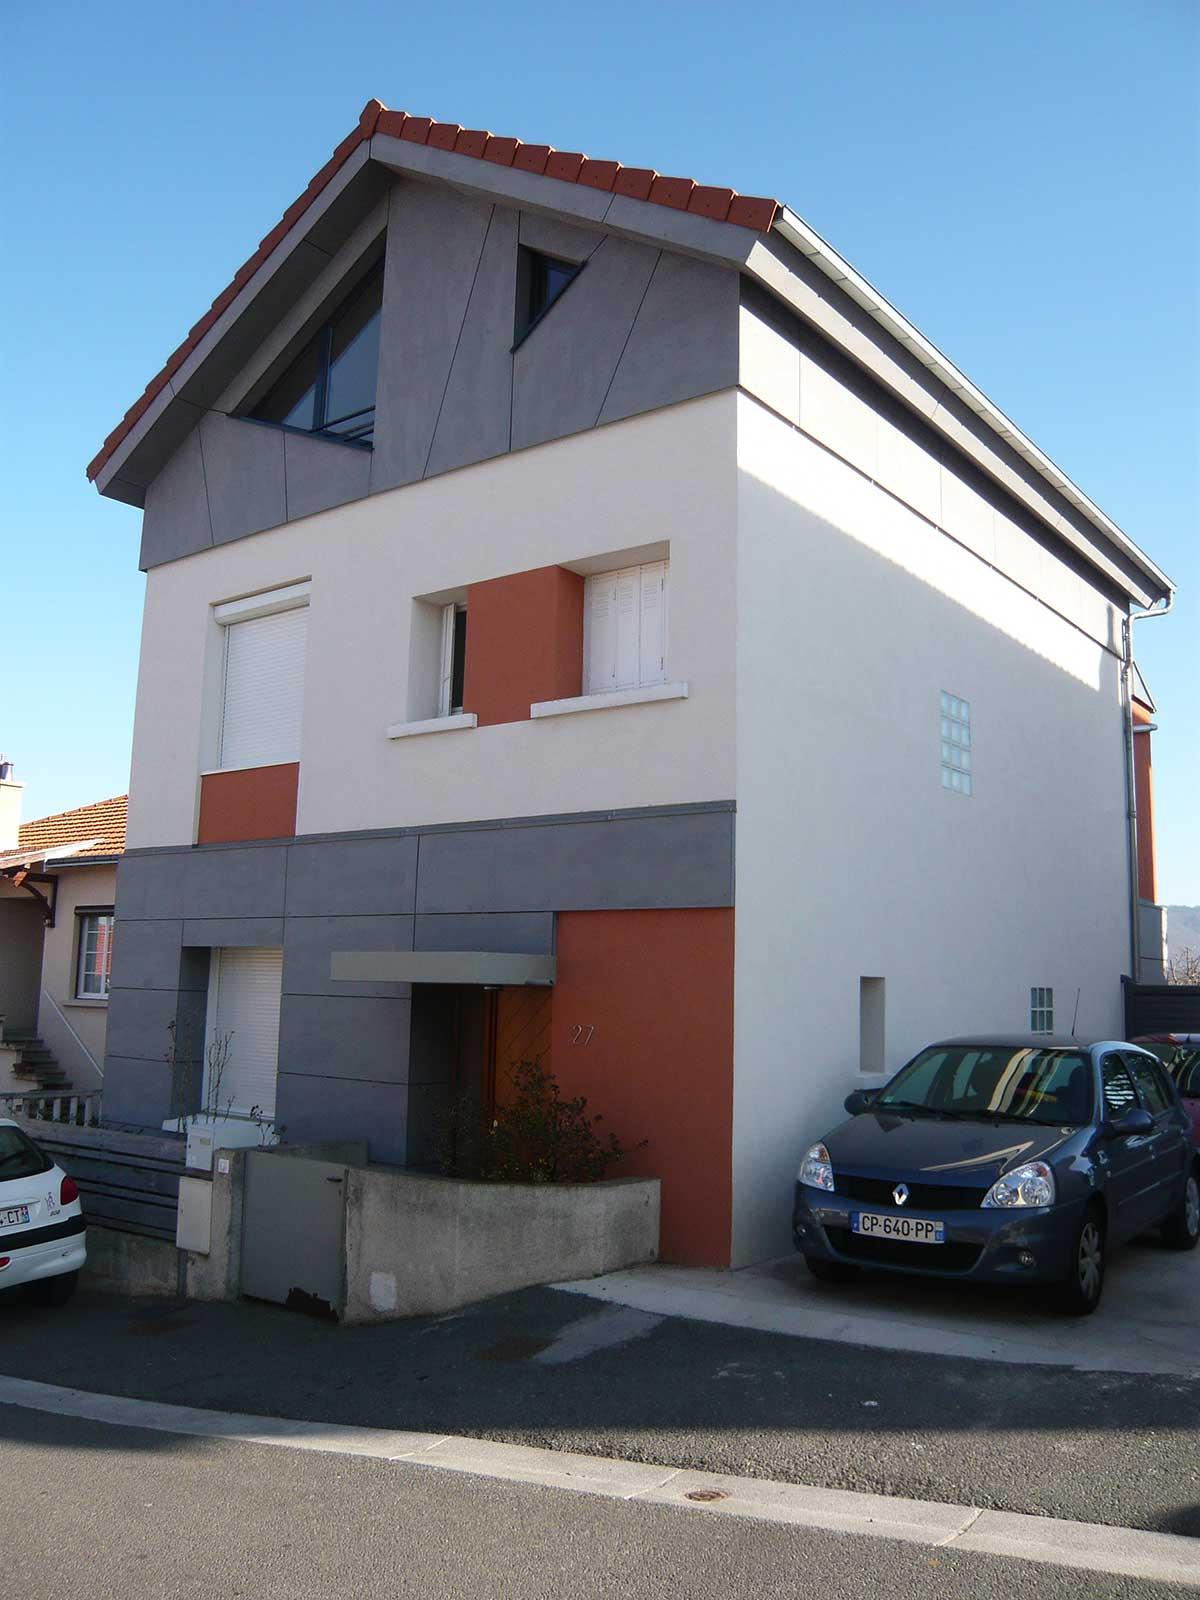 Après facade extension de la maison BO